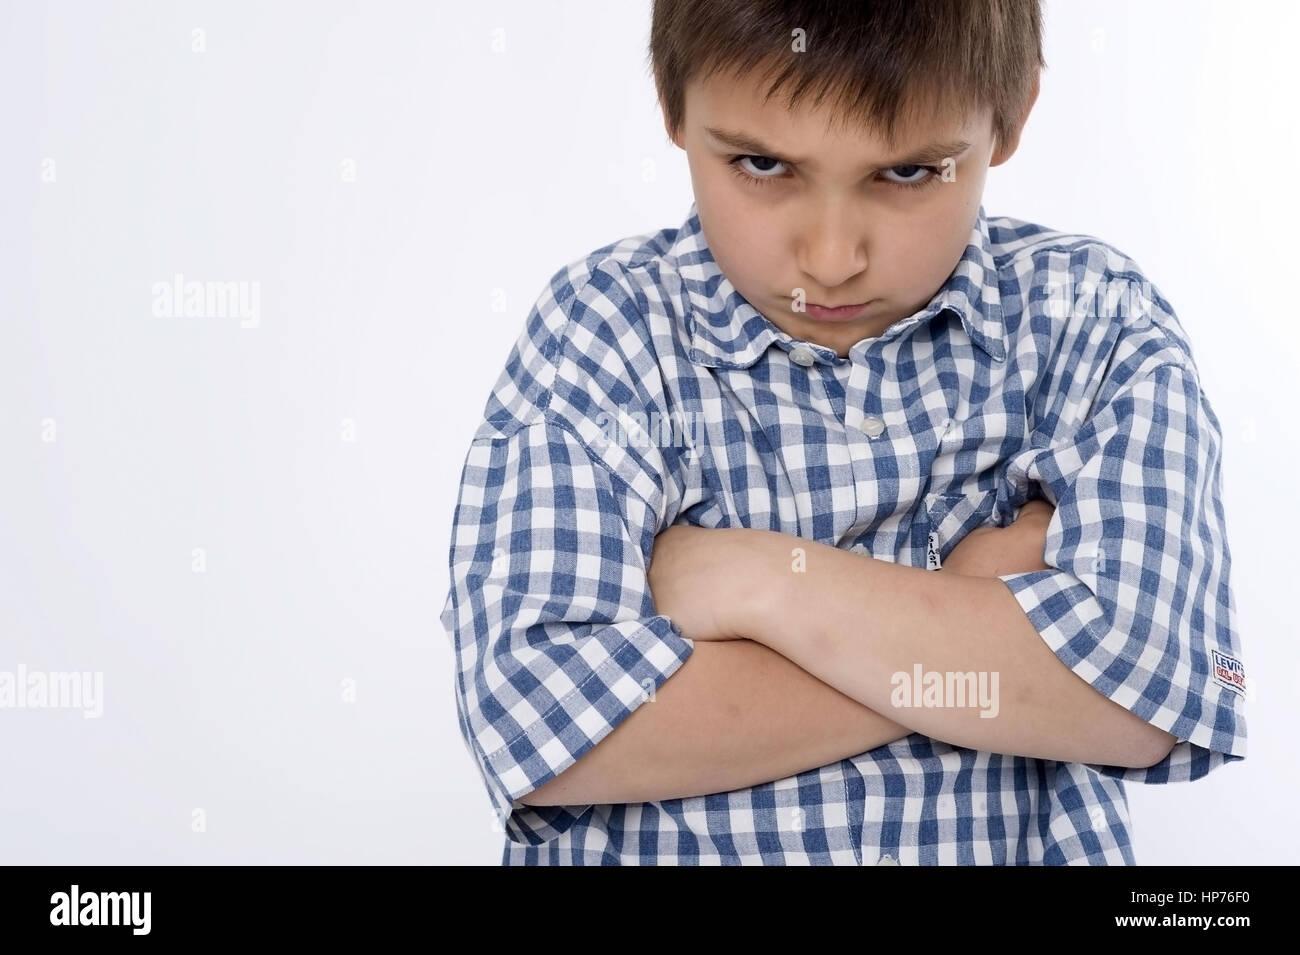 Model released, Junge, 8, mit boesem Blick und verschraenkten Armen - angry boy Stock Photo